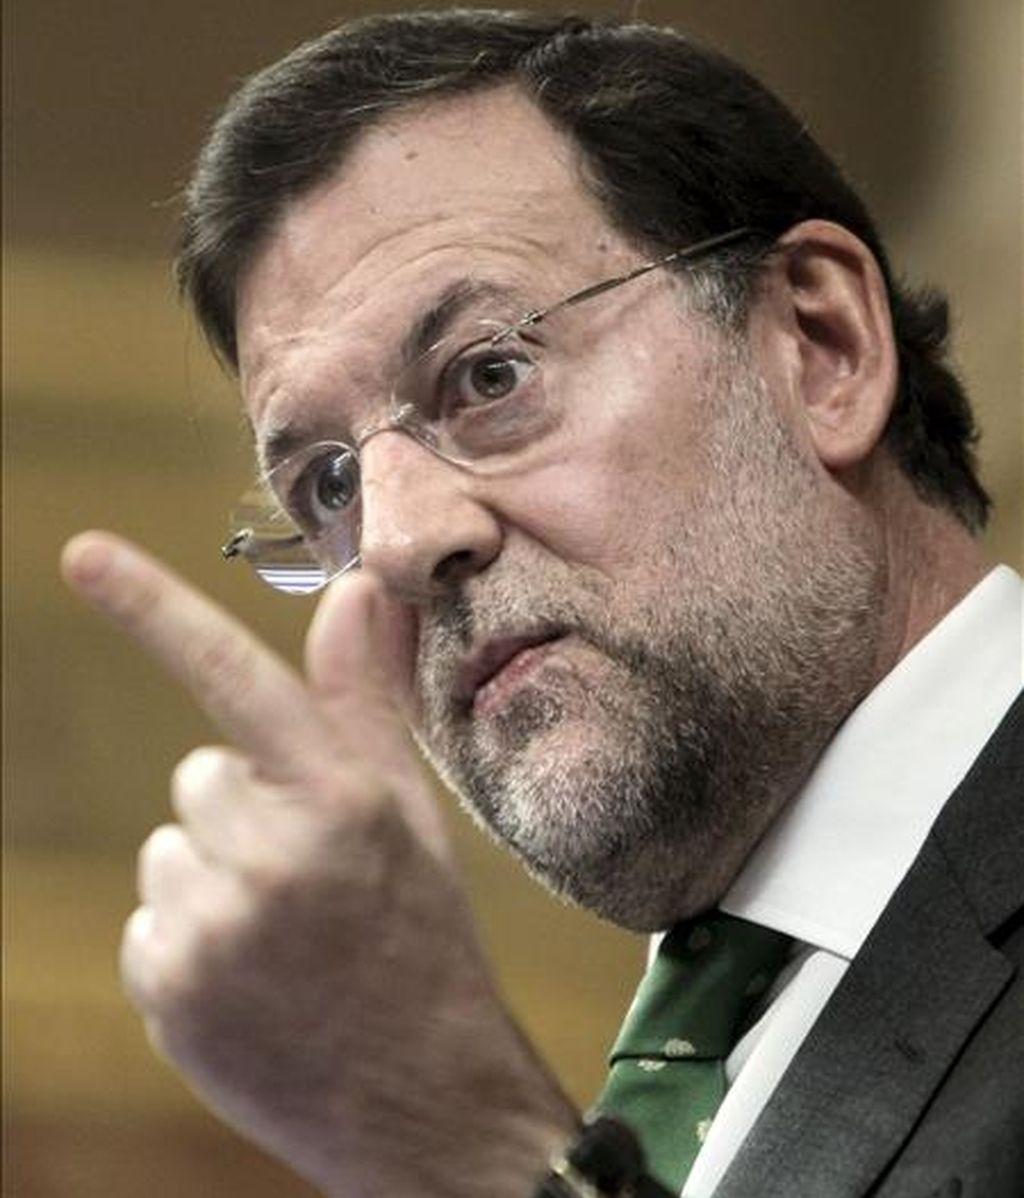 En la imagen, el presidente del Partido Popular, Mariano Rajoy. EFE/Archivo